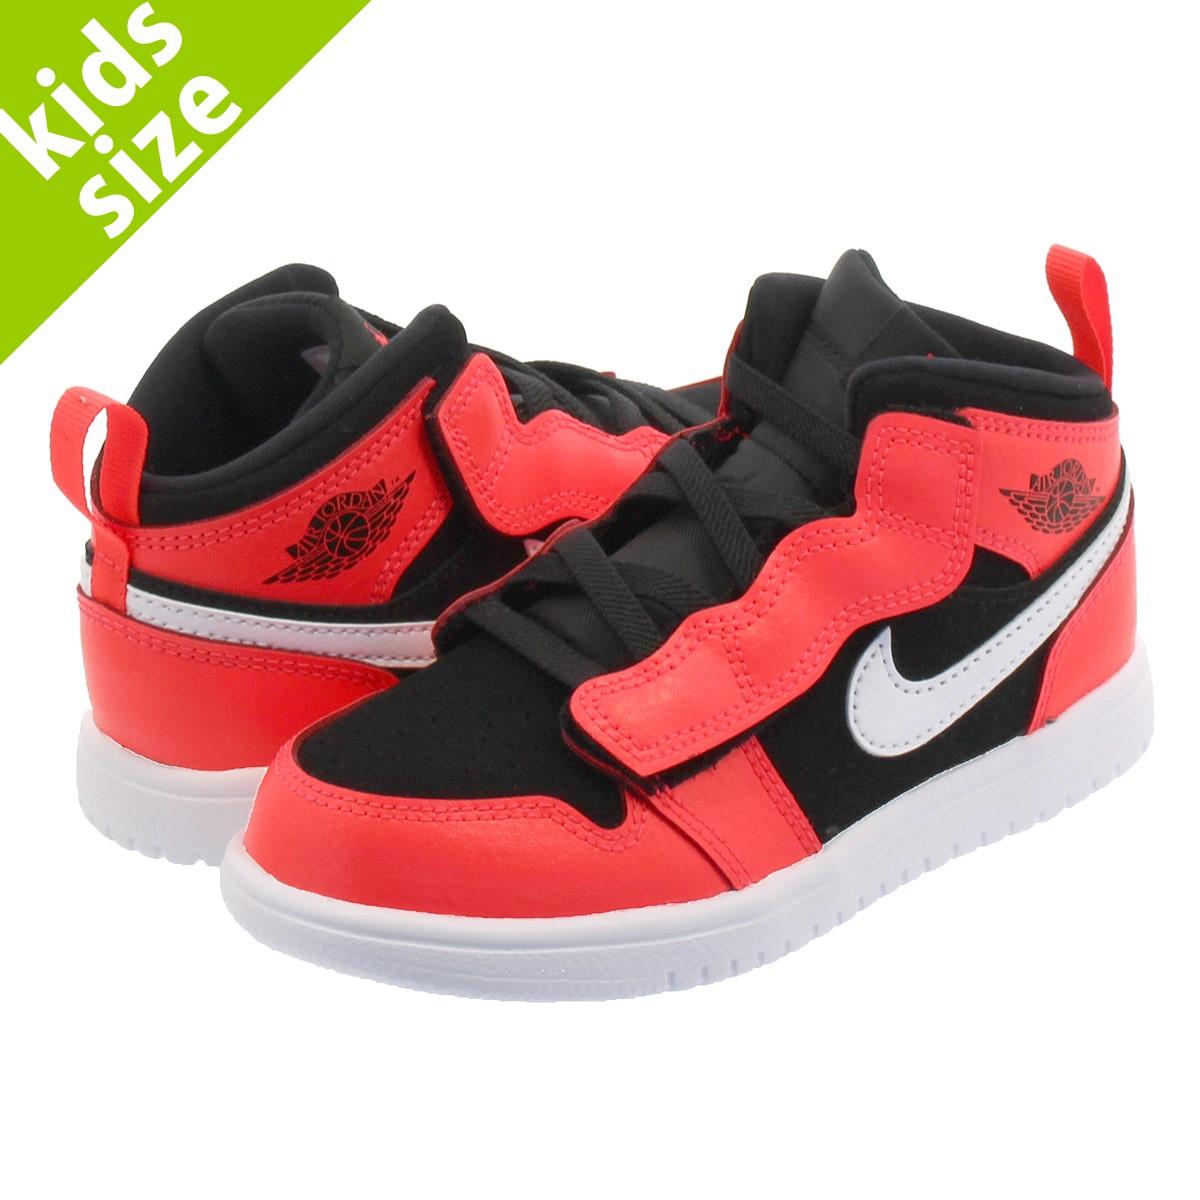 061 Jordan 1 Mid Ar6352 Nike 23white Alt Blackinfrared Air Td kOTZuXPi